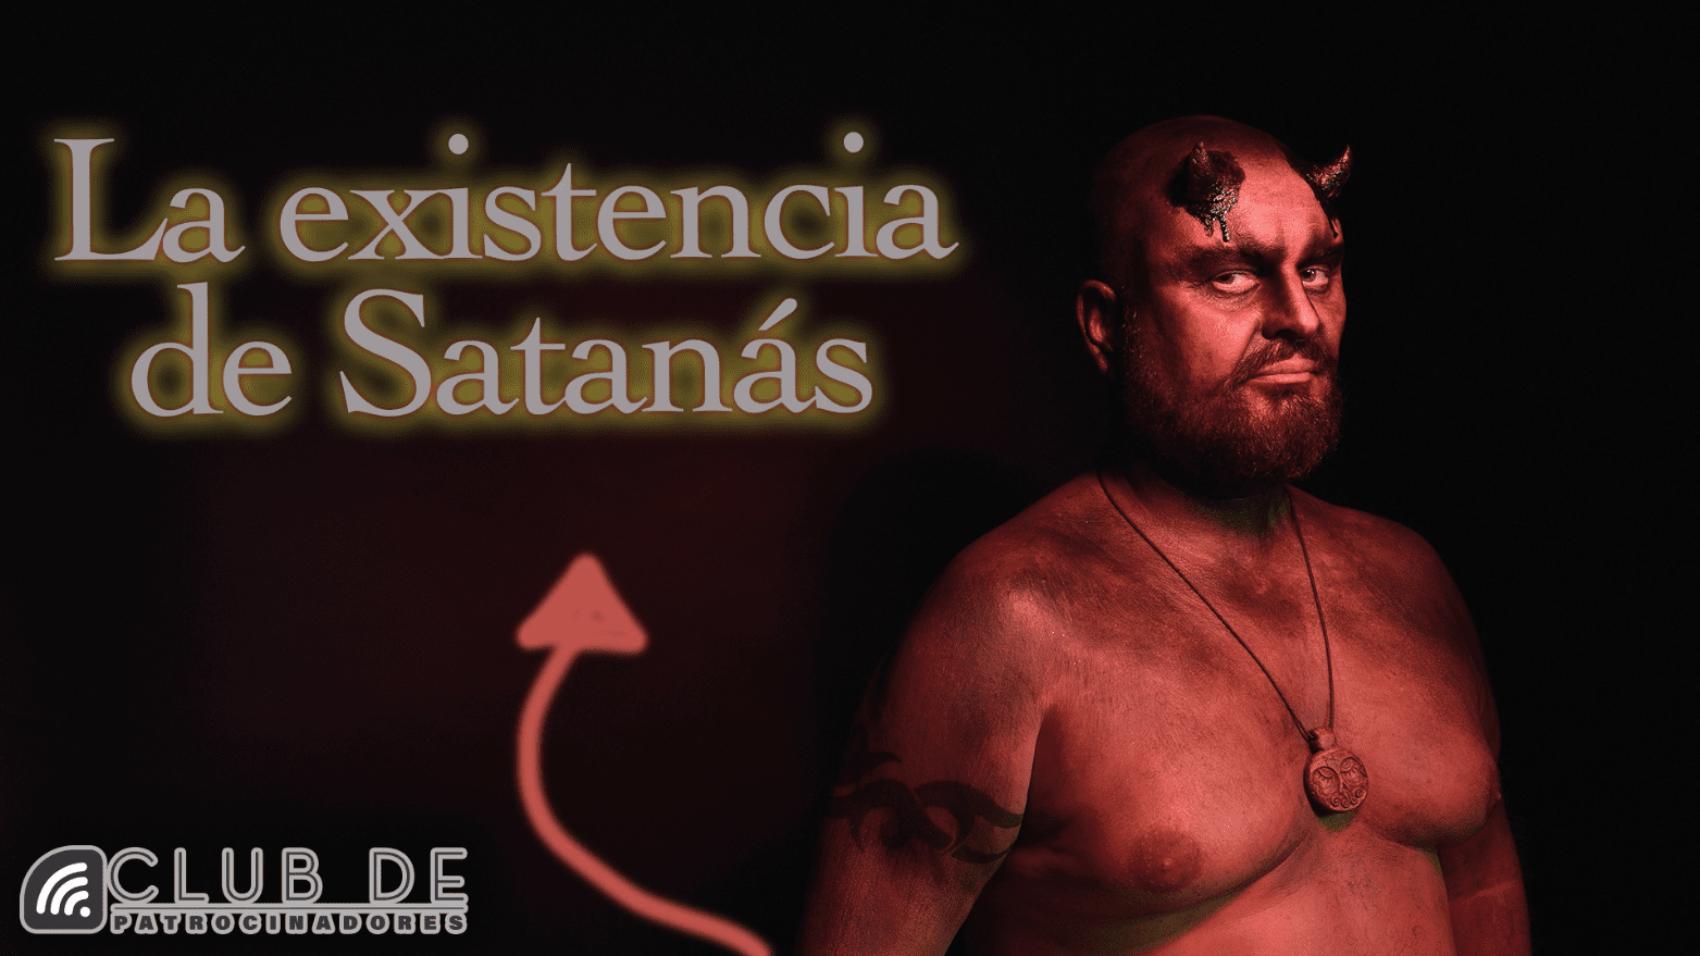 La existencia de Satan